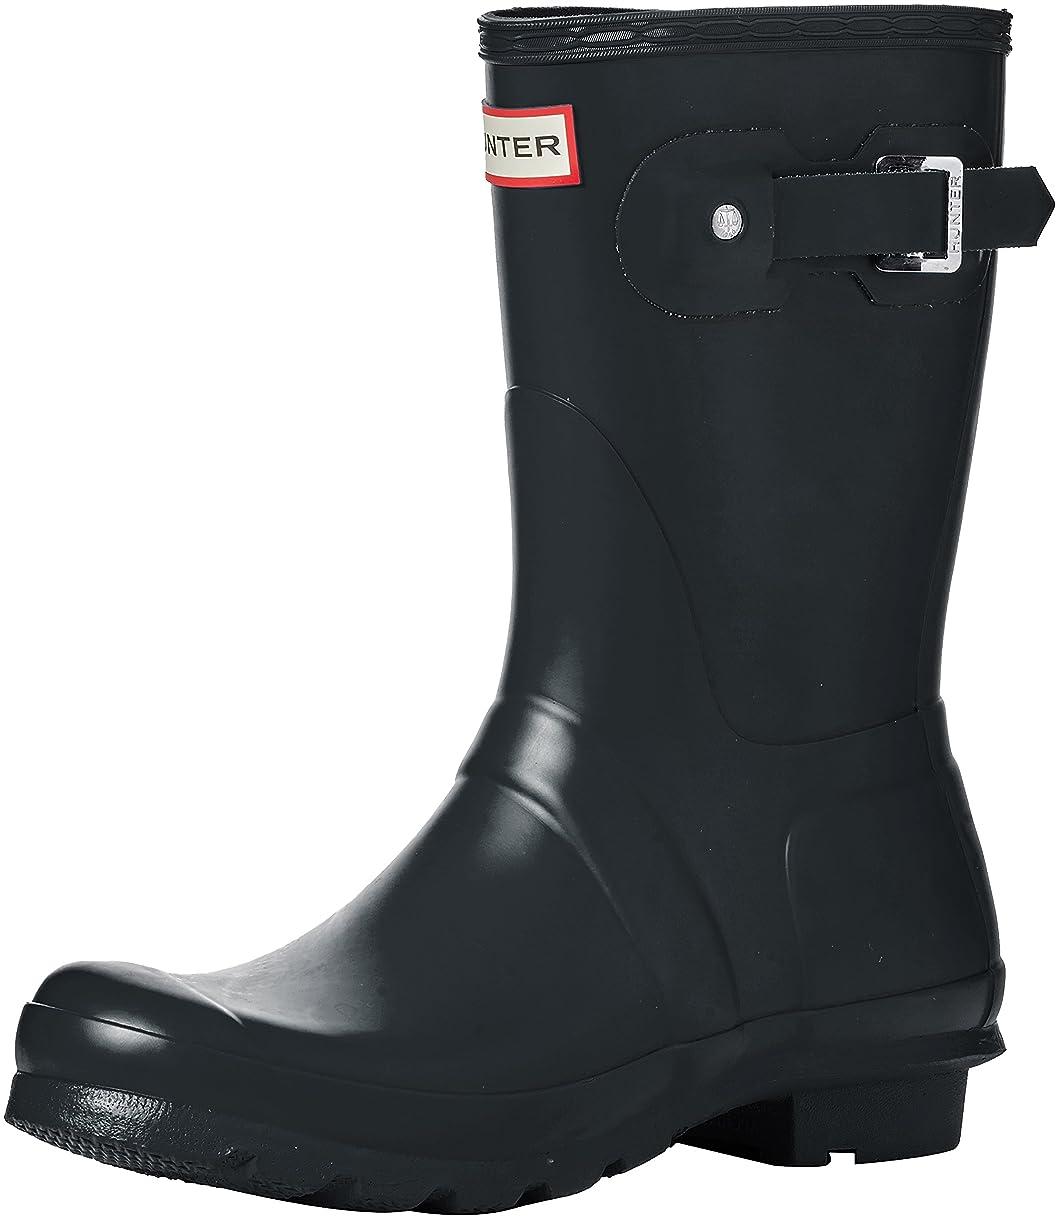 要旨救急車別の[ハンター] Women 's Original Short Rain Boot US サイズ: 11 M カラー: グレー